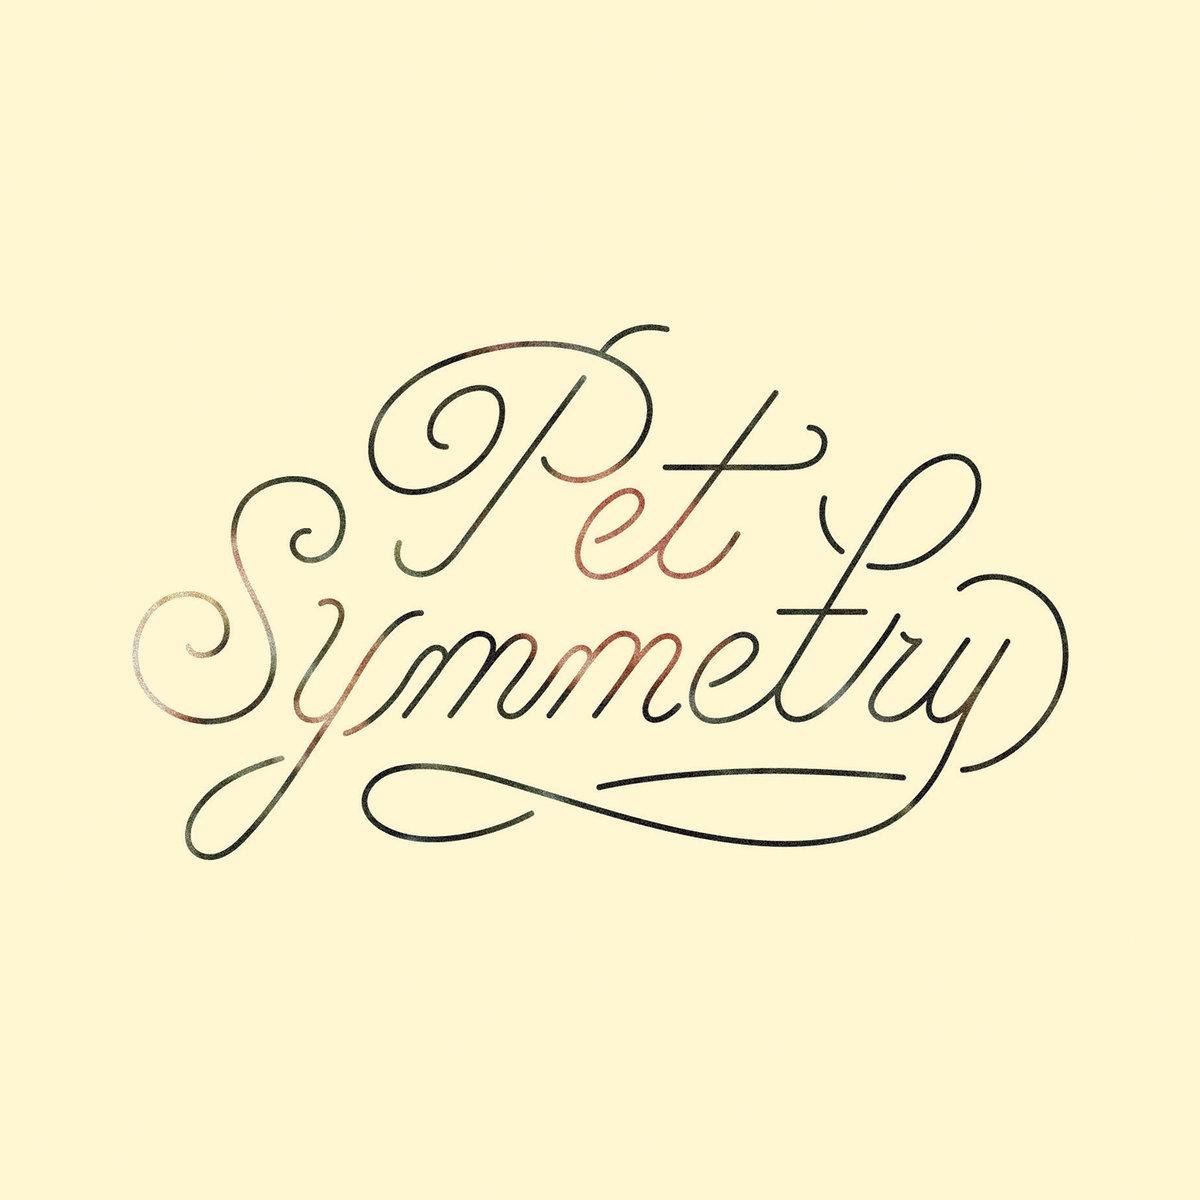 vision pet symmetry